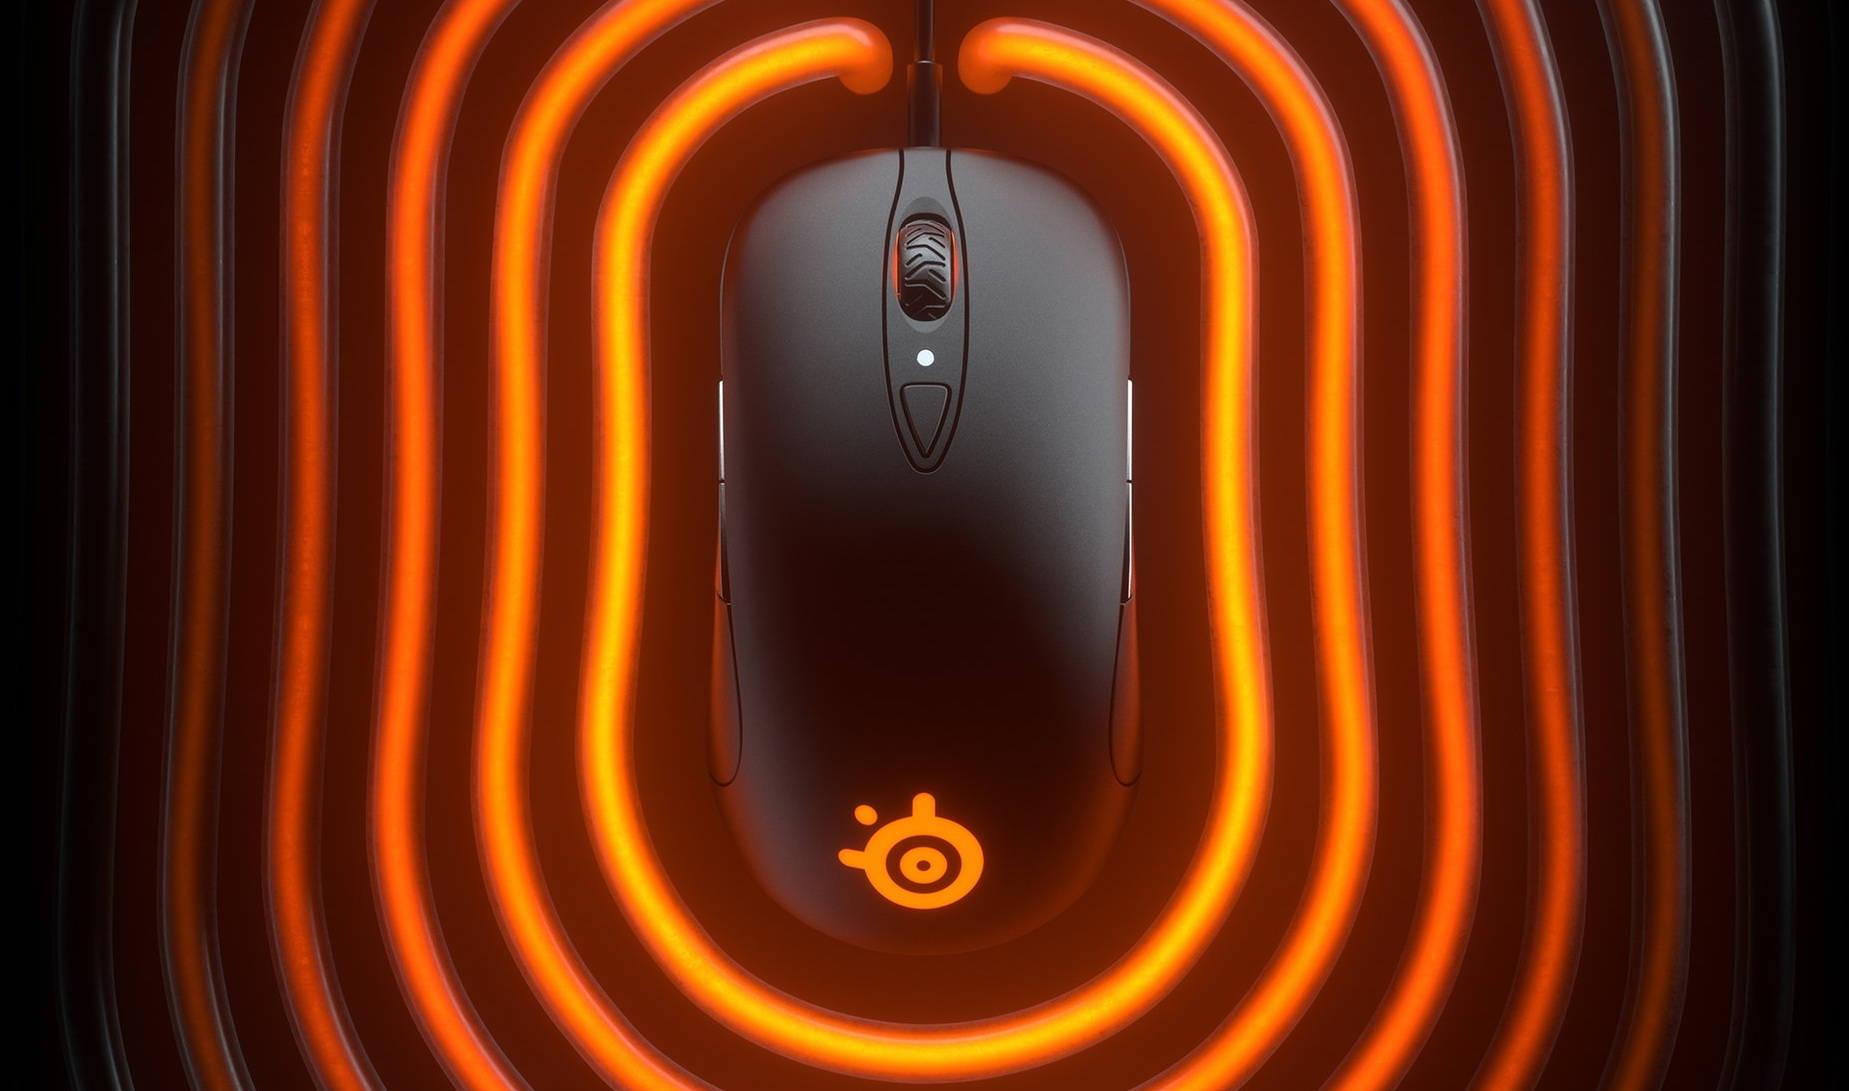 Компания SteelSeries представляет новую игровую мышь Sensei Ten с сенсором TrueMove Pro